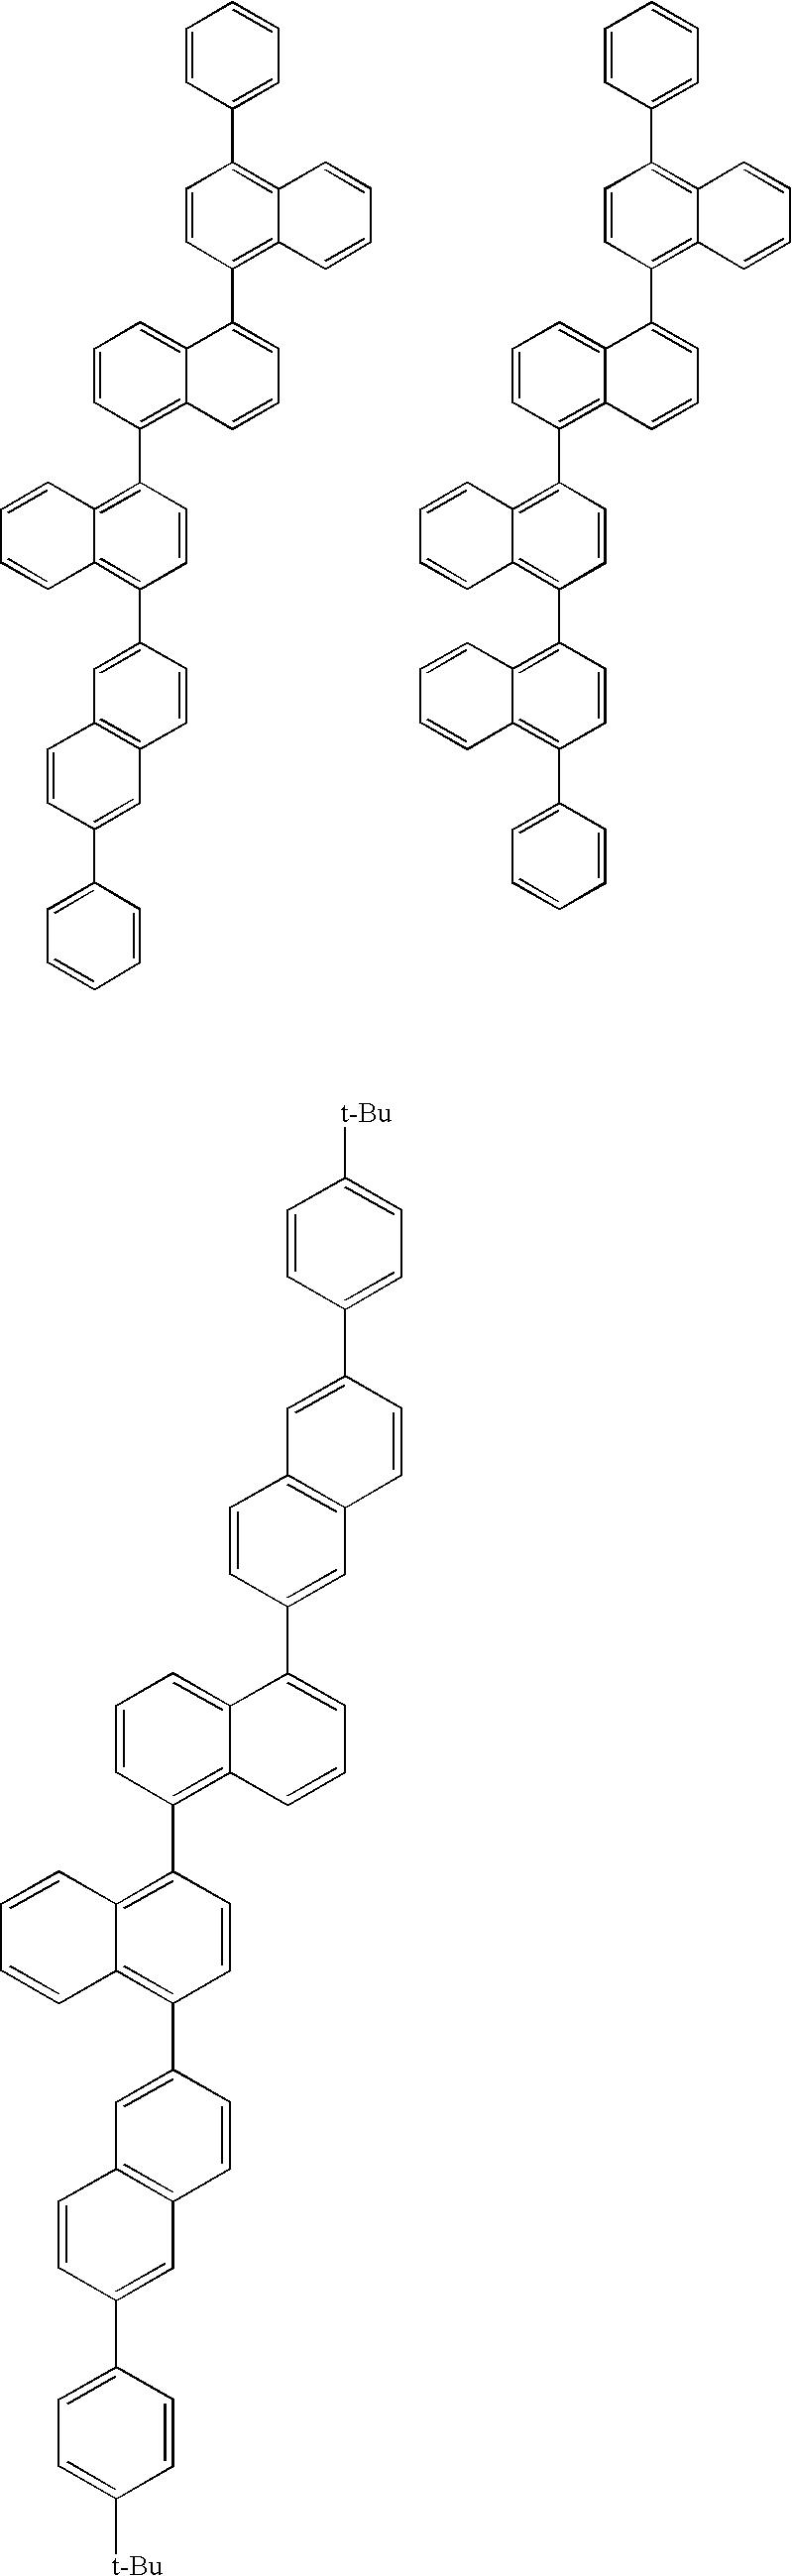 Figure US20100171109A1-20100708-C00101